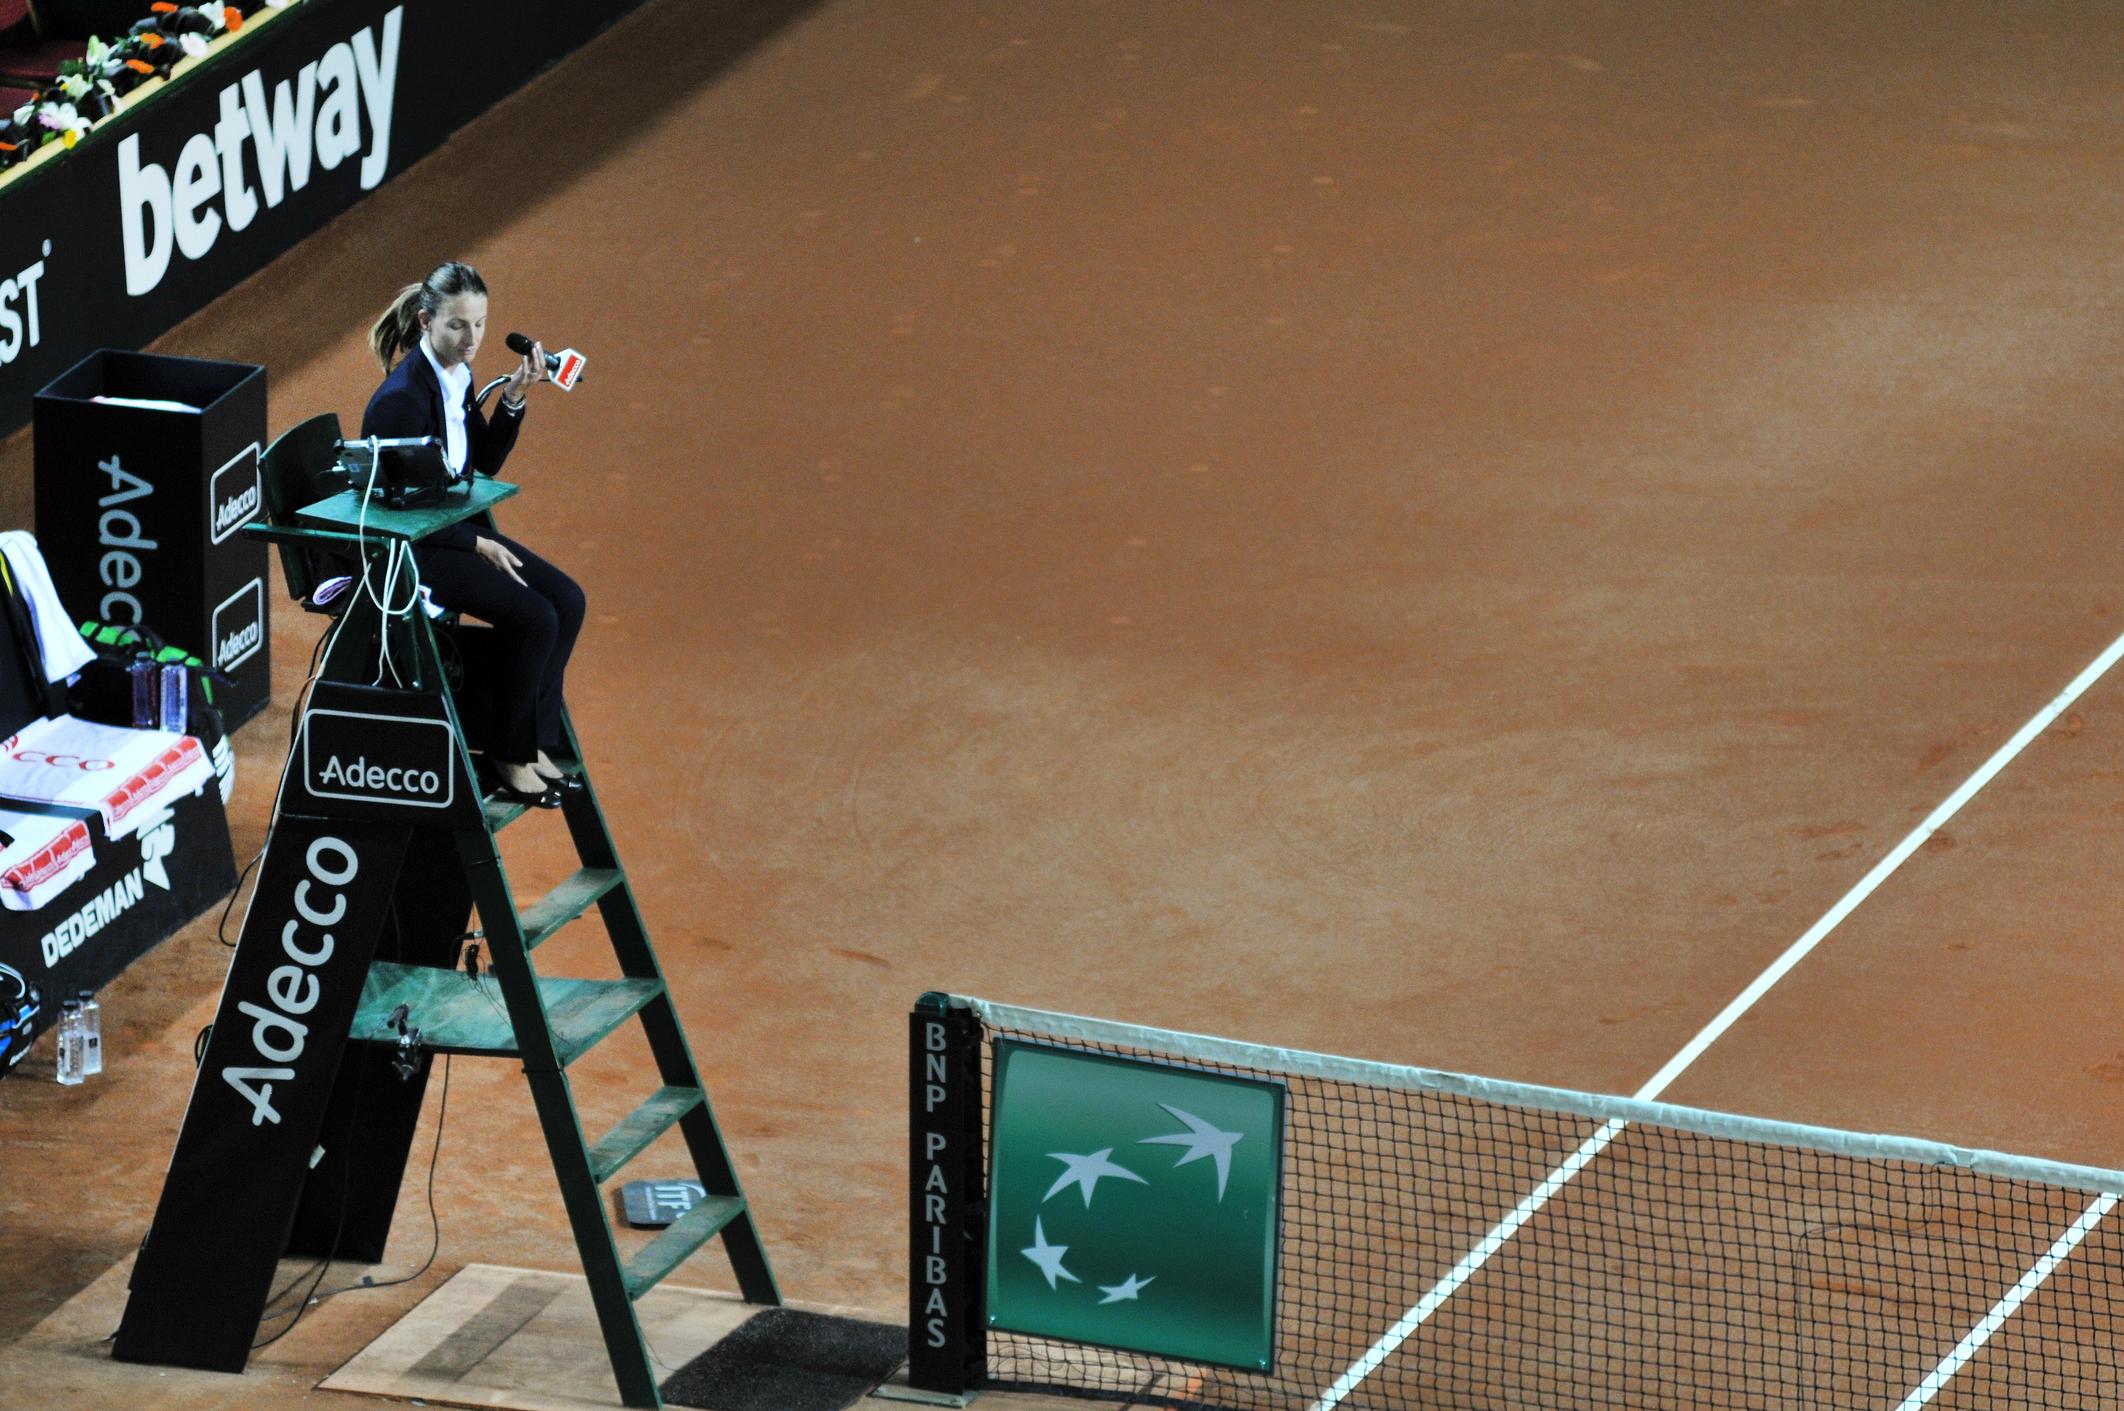 reglas del tenis